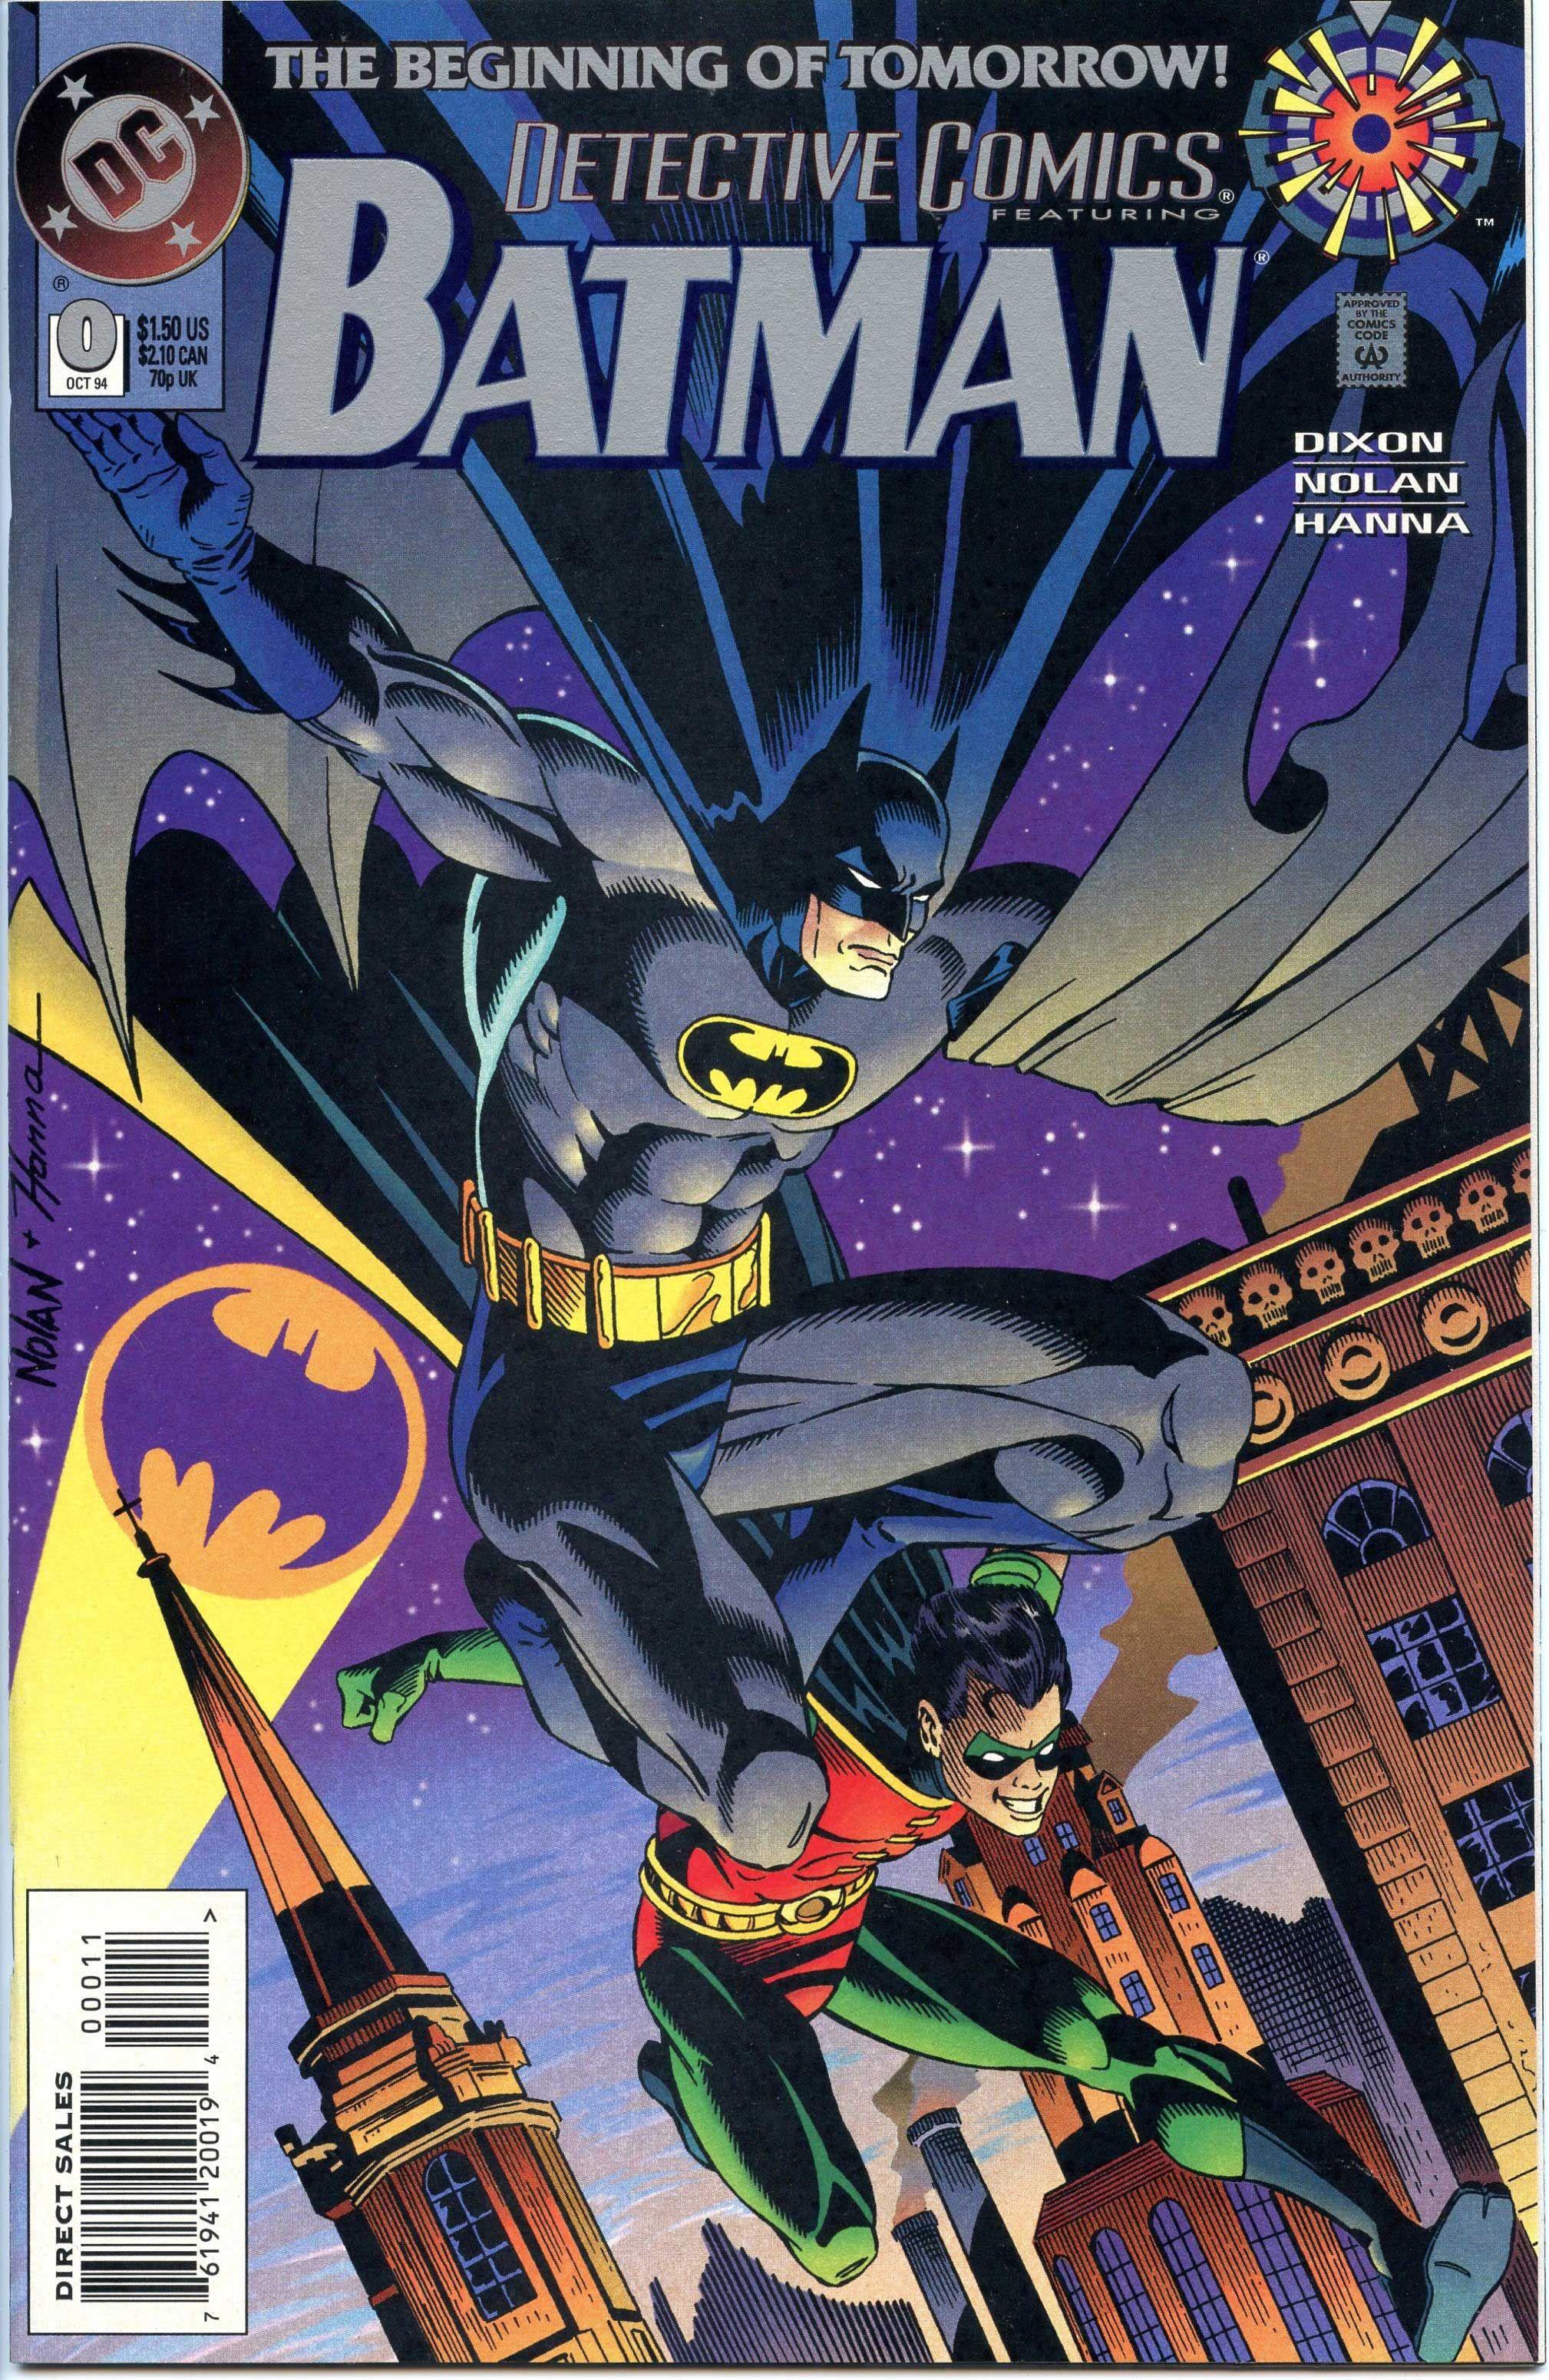 Detective comics vol 1 0 cover art by graham nolan